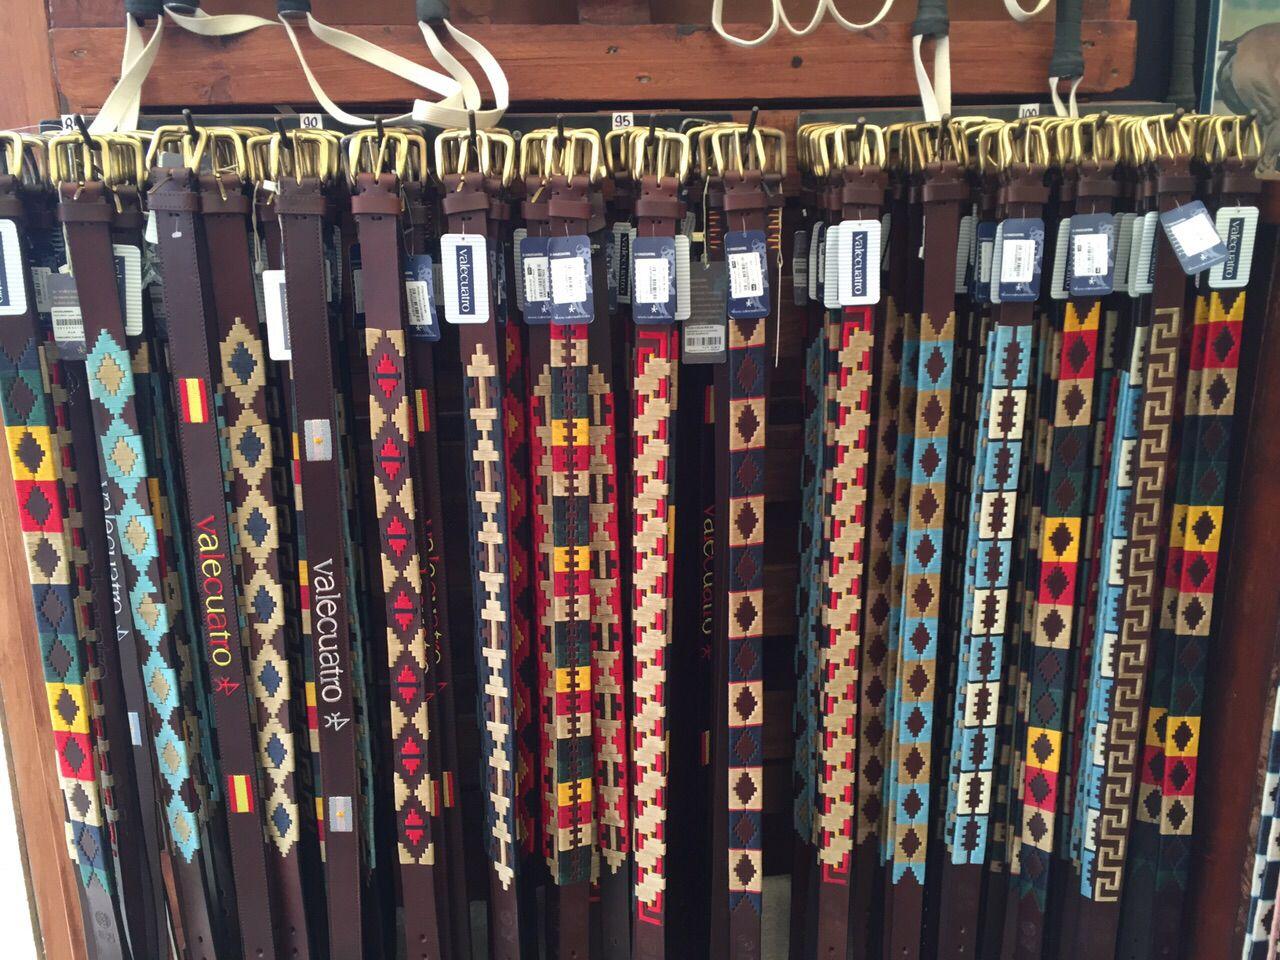 Cinturones de Valecuatro  f7f4bde86412